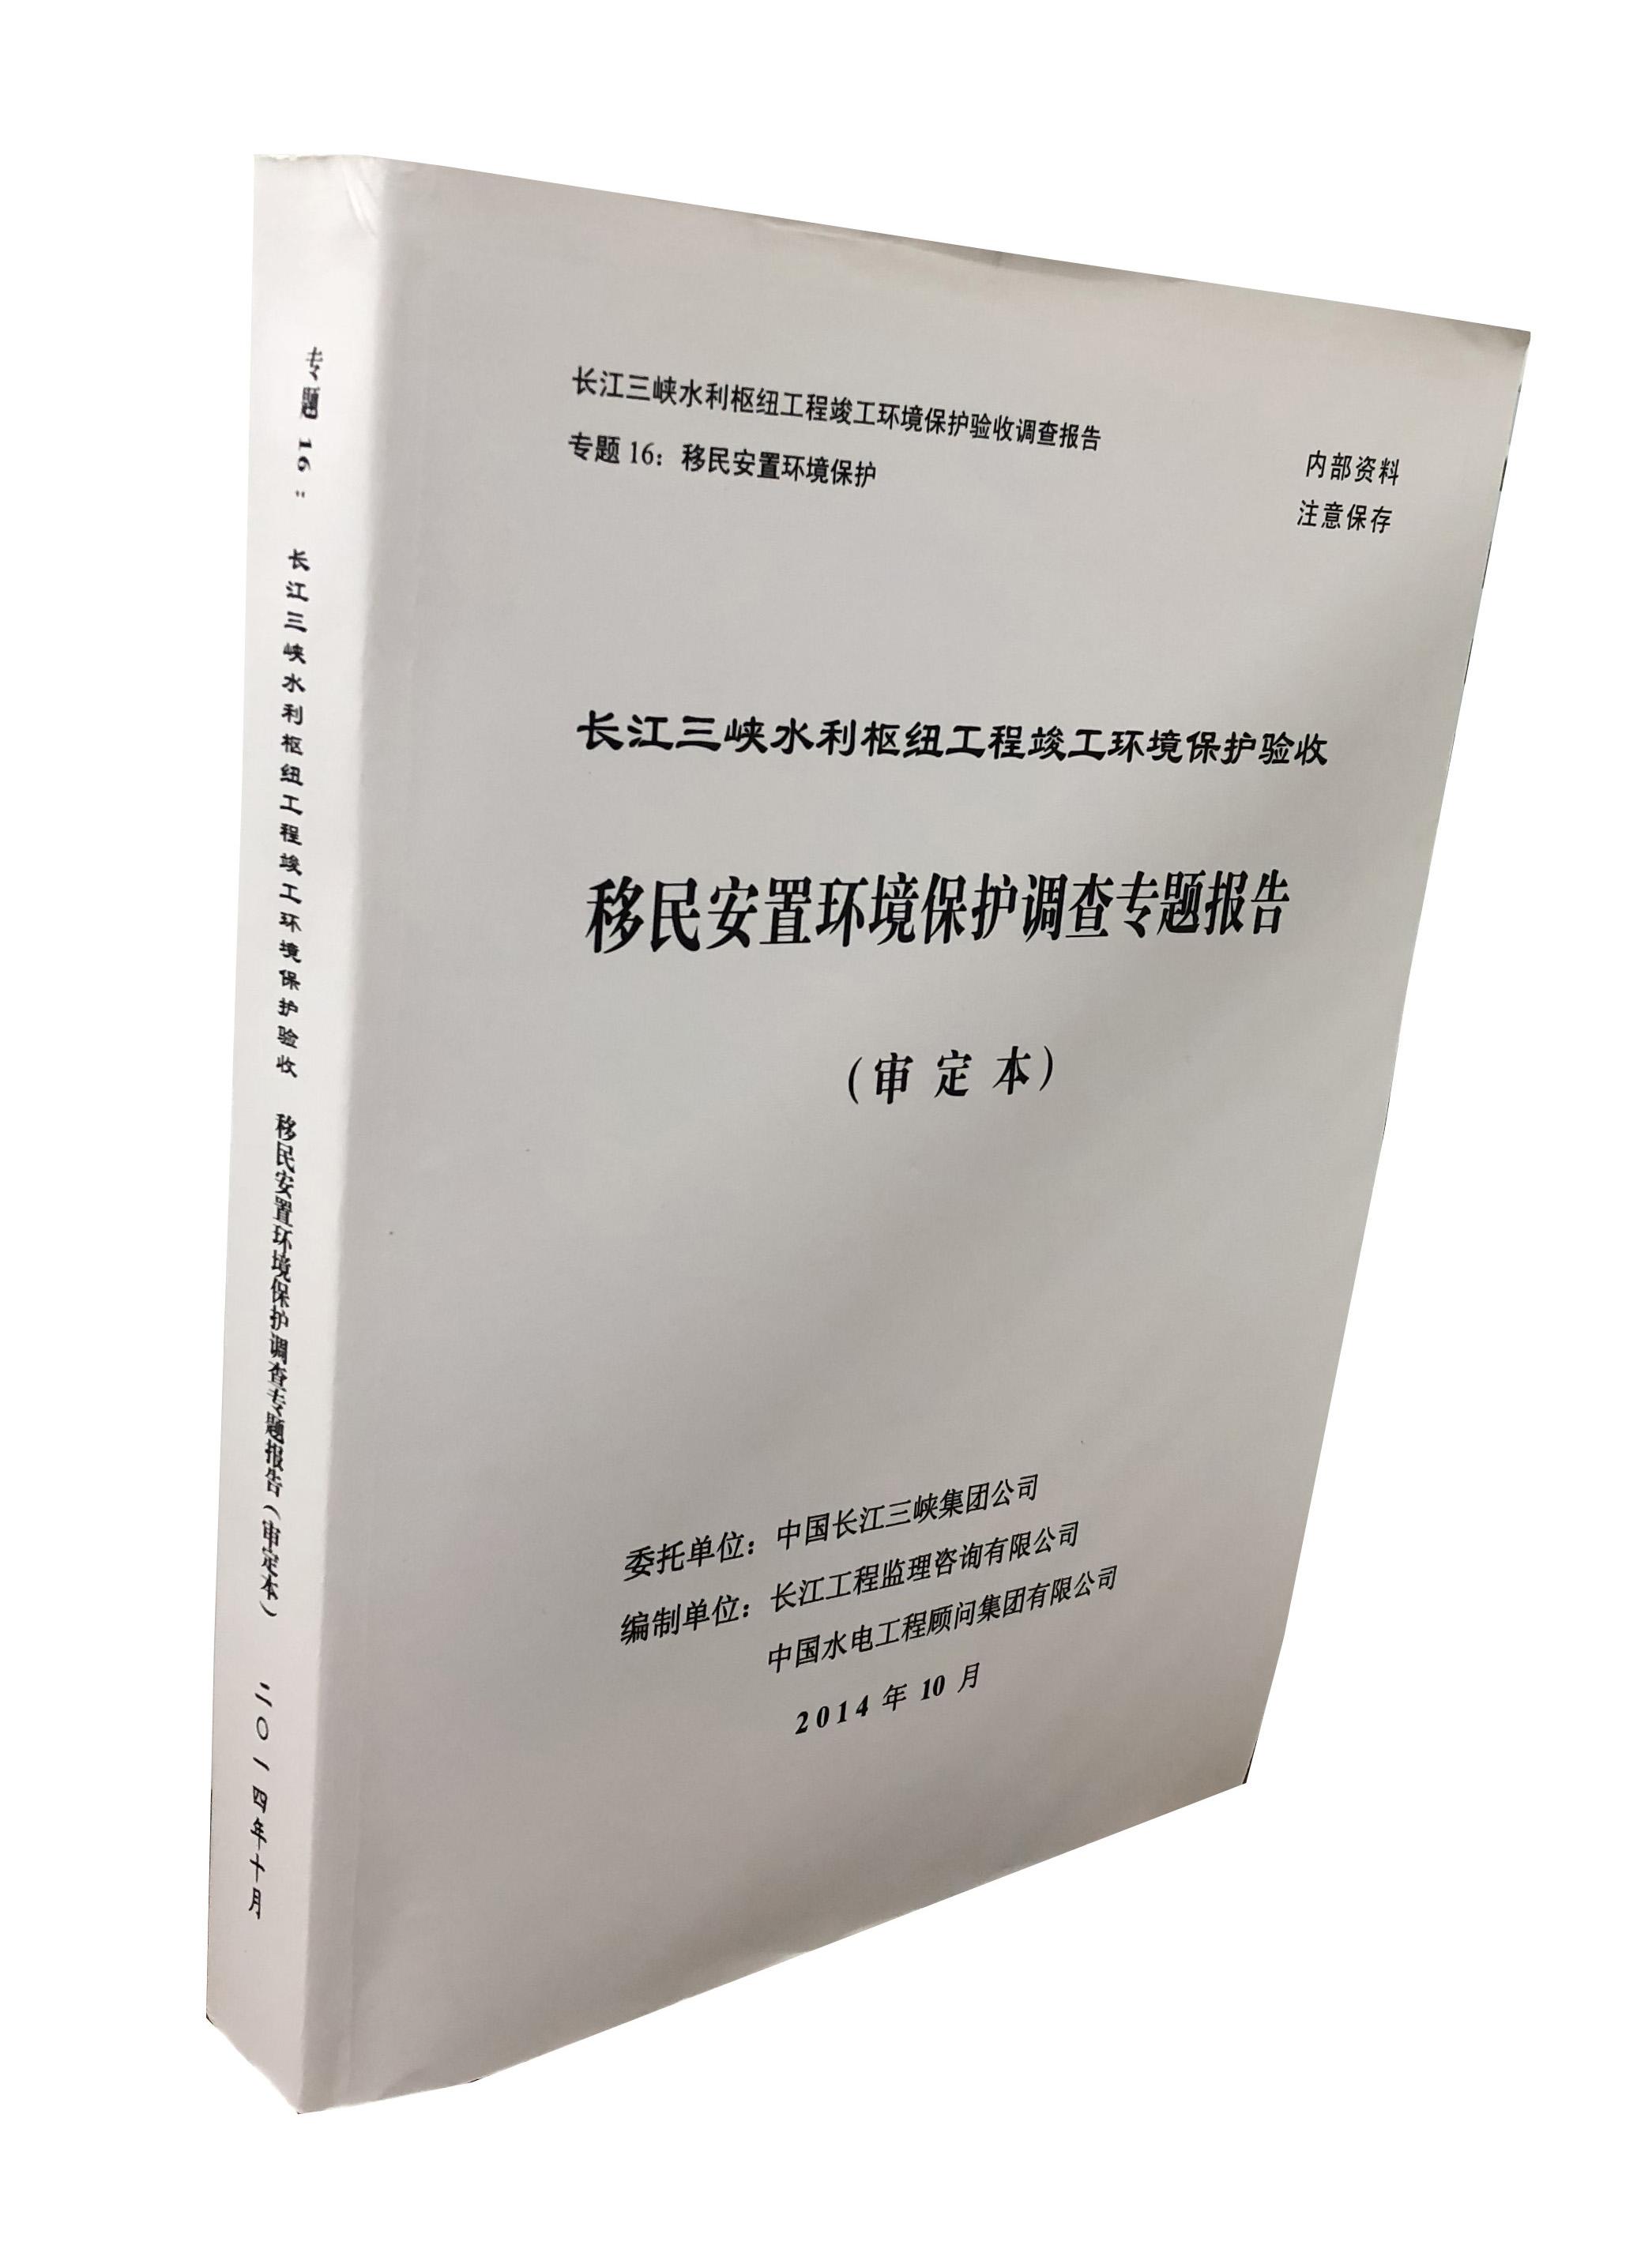 长江三峡水利枢纽工程竣工环境保护验收-移民安置环境保护调查专题报告